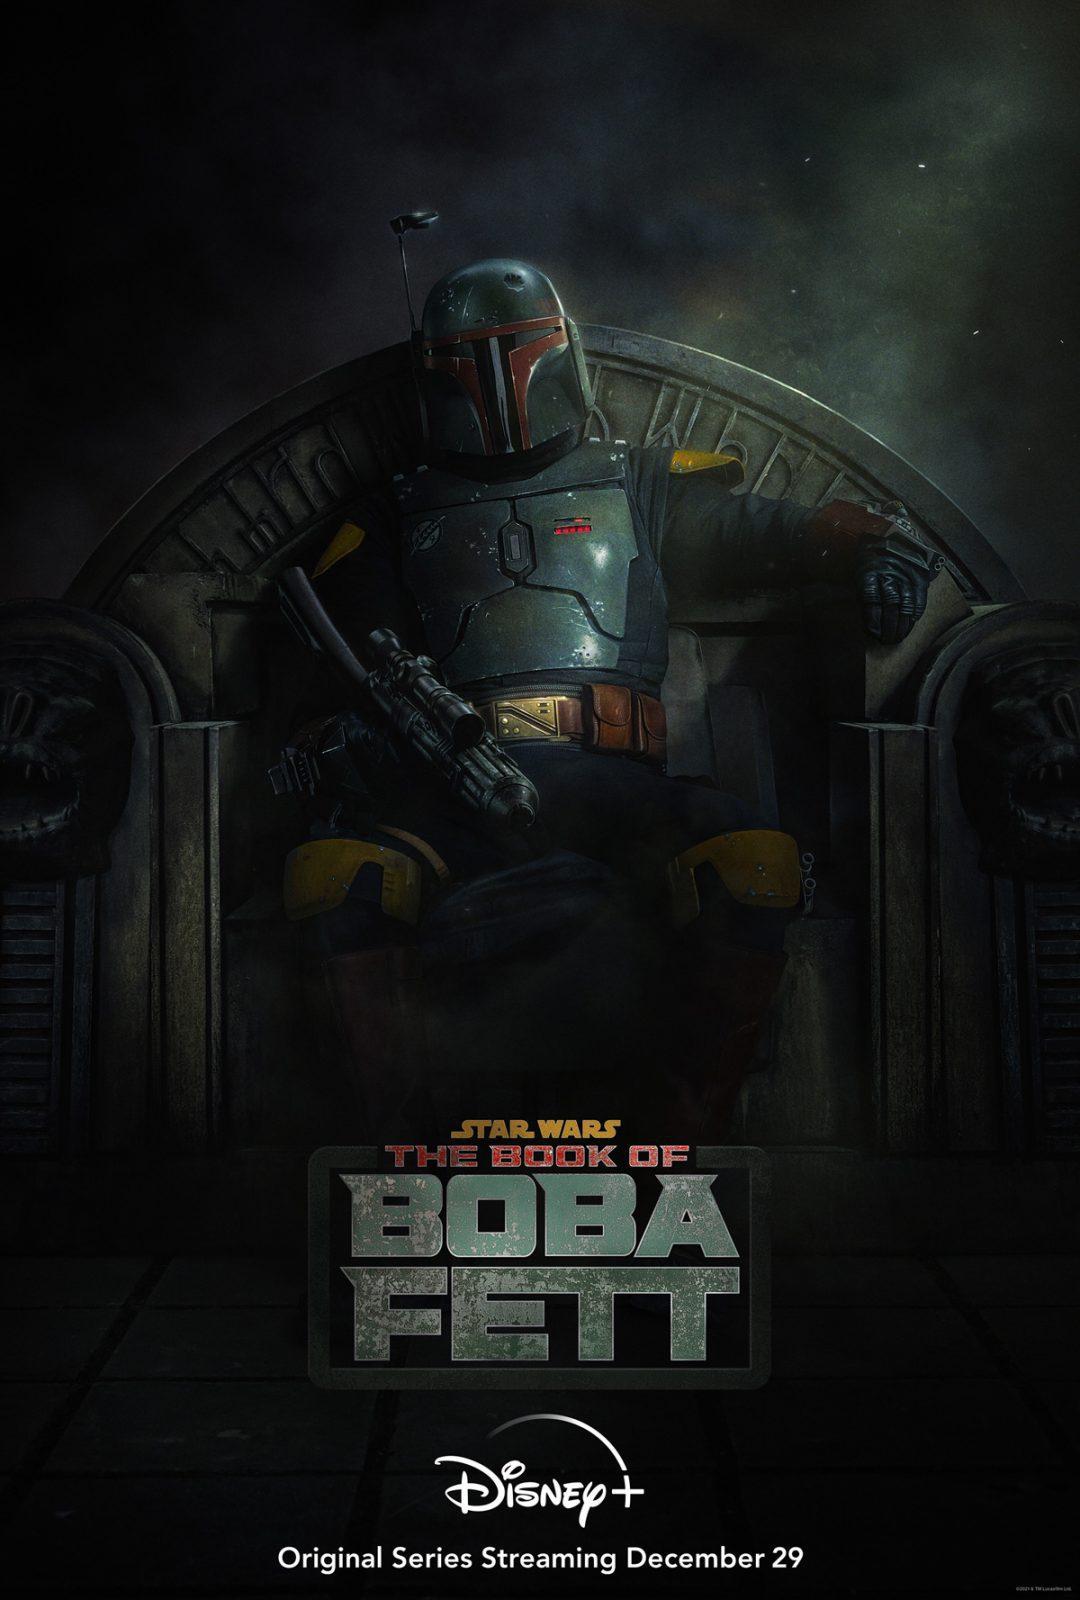 book-of-boba-fett-teaser-poster-989797346-1080x1600.jpg